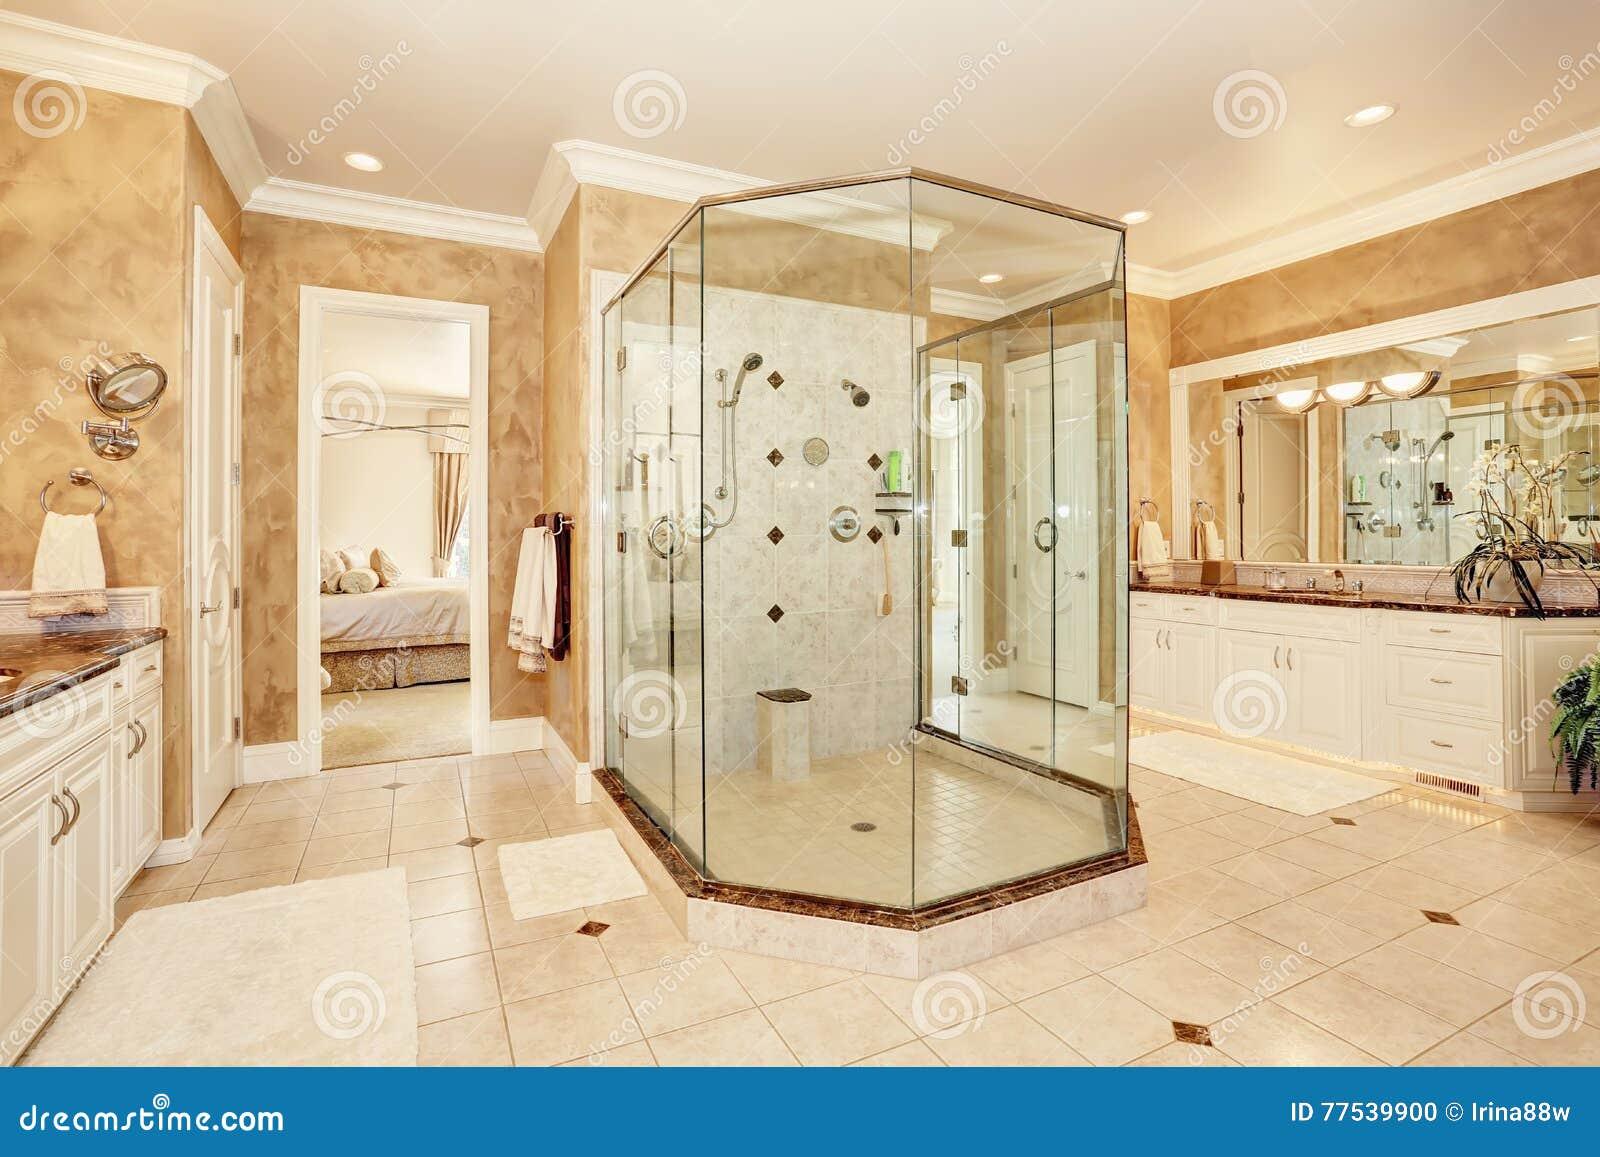 Amazing libera da diritti download bello interno di marmo - Bagno in marmo bianco ...